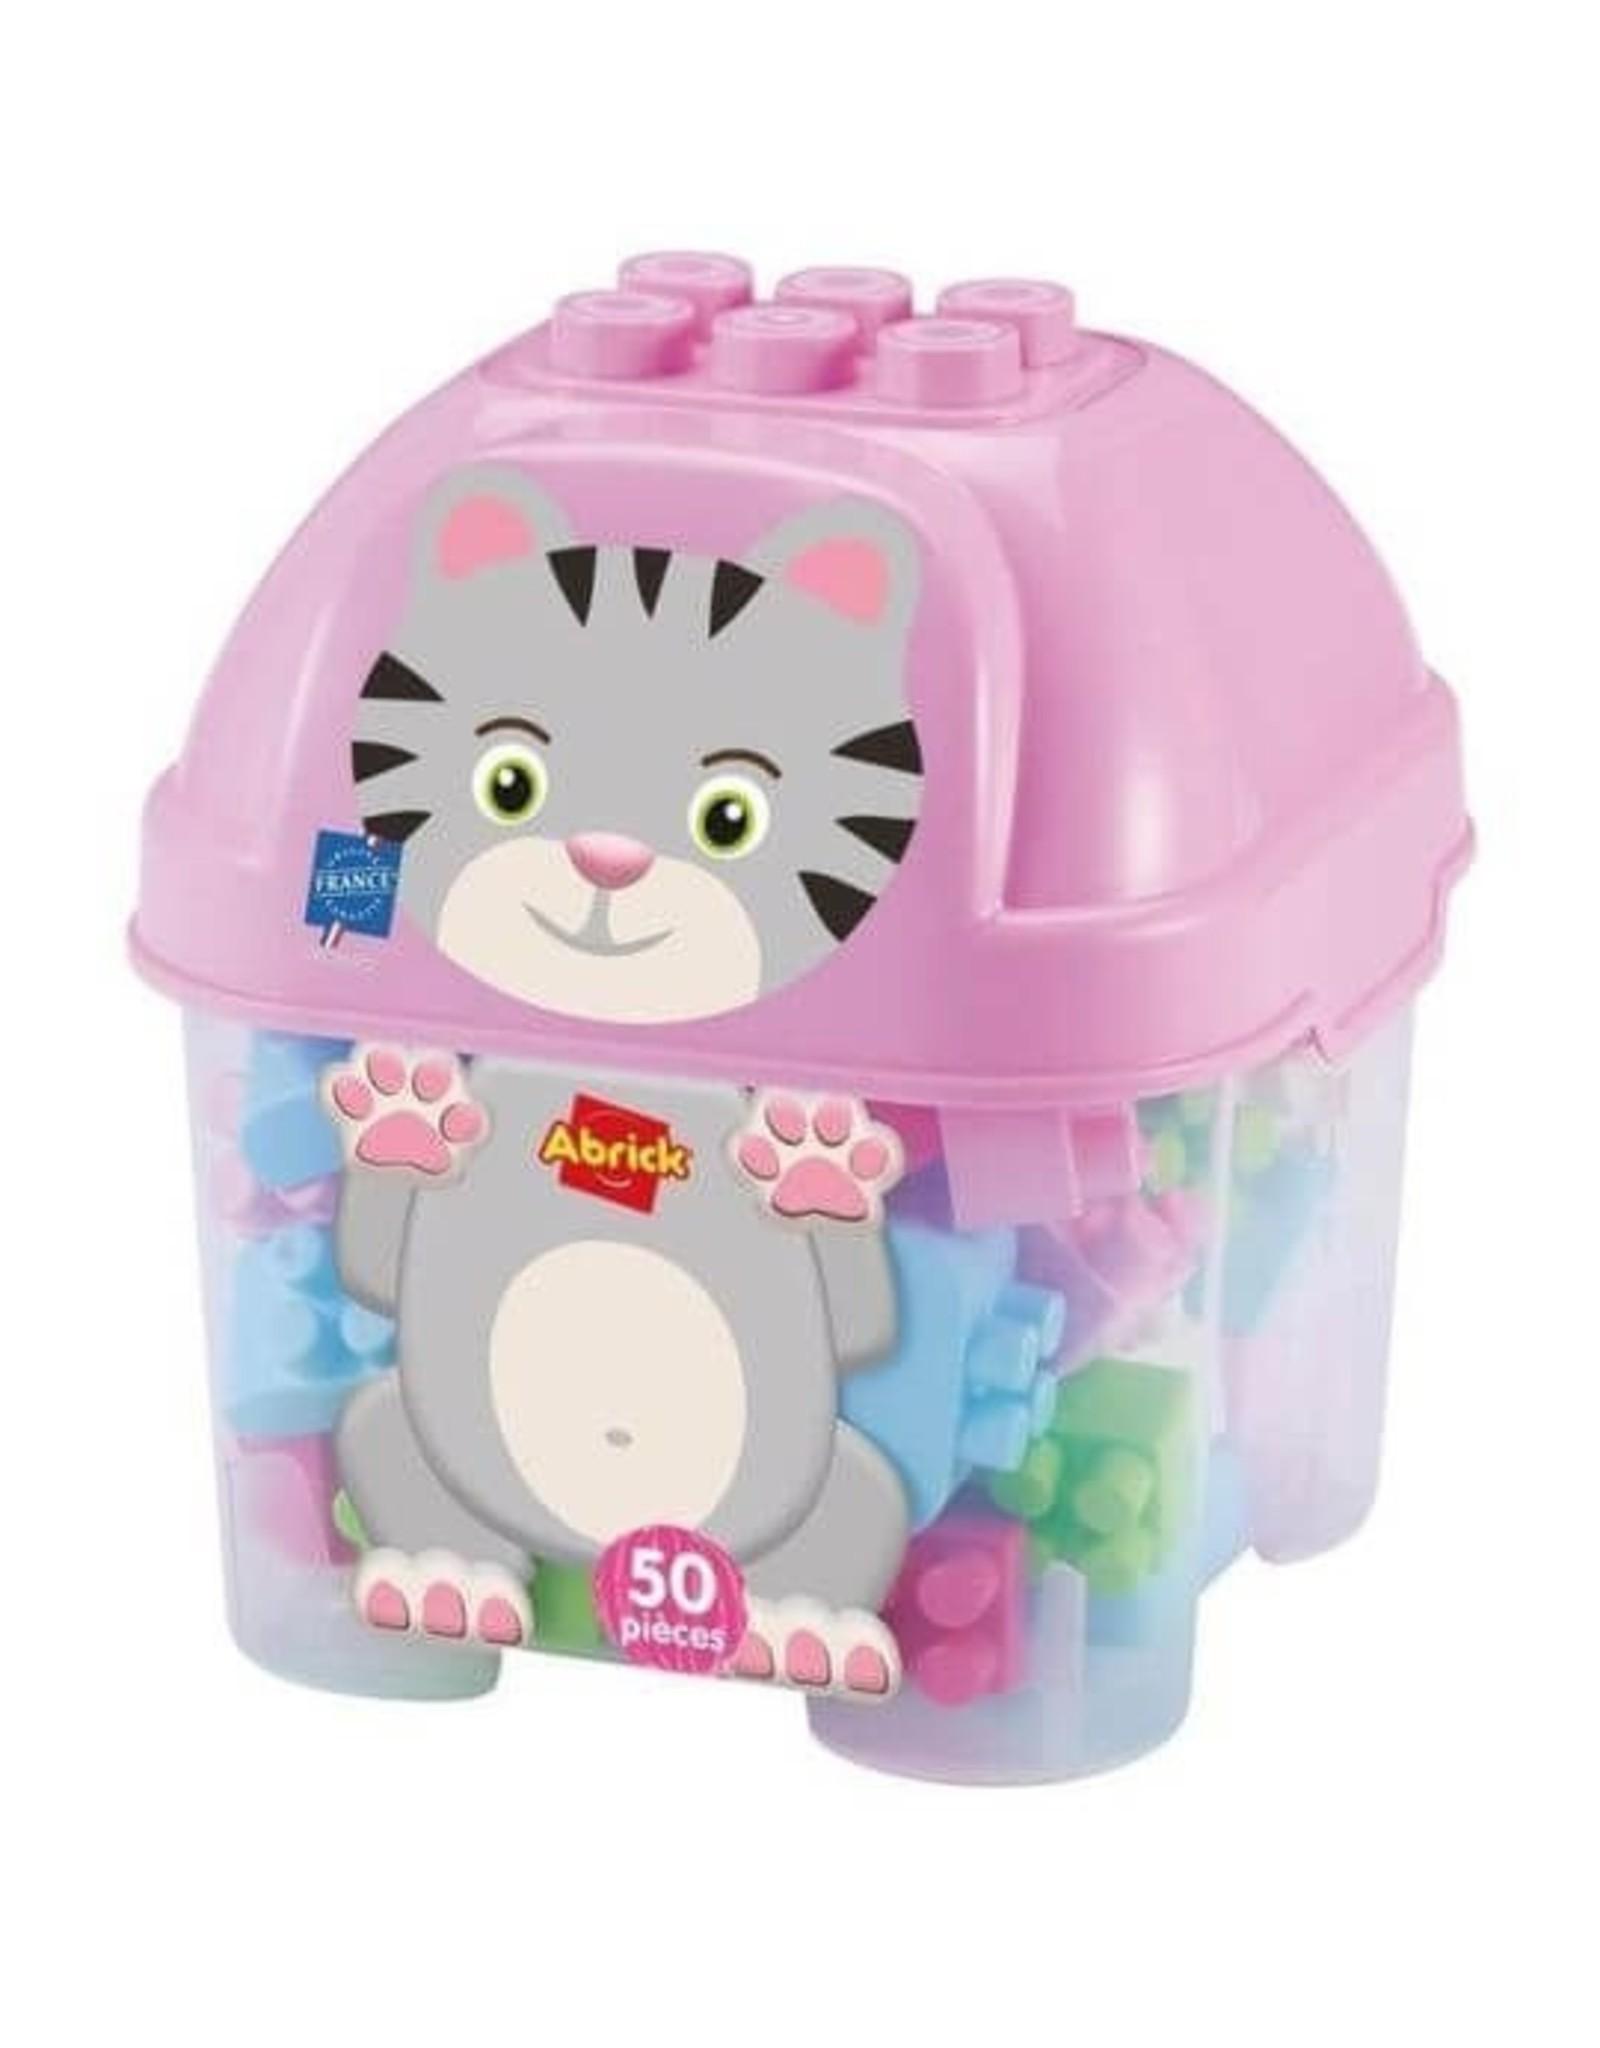 écoiffier Abrick Bausteine mit Aufbewahrungsbox Cat 50-teilig